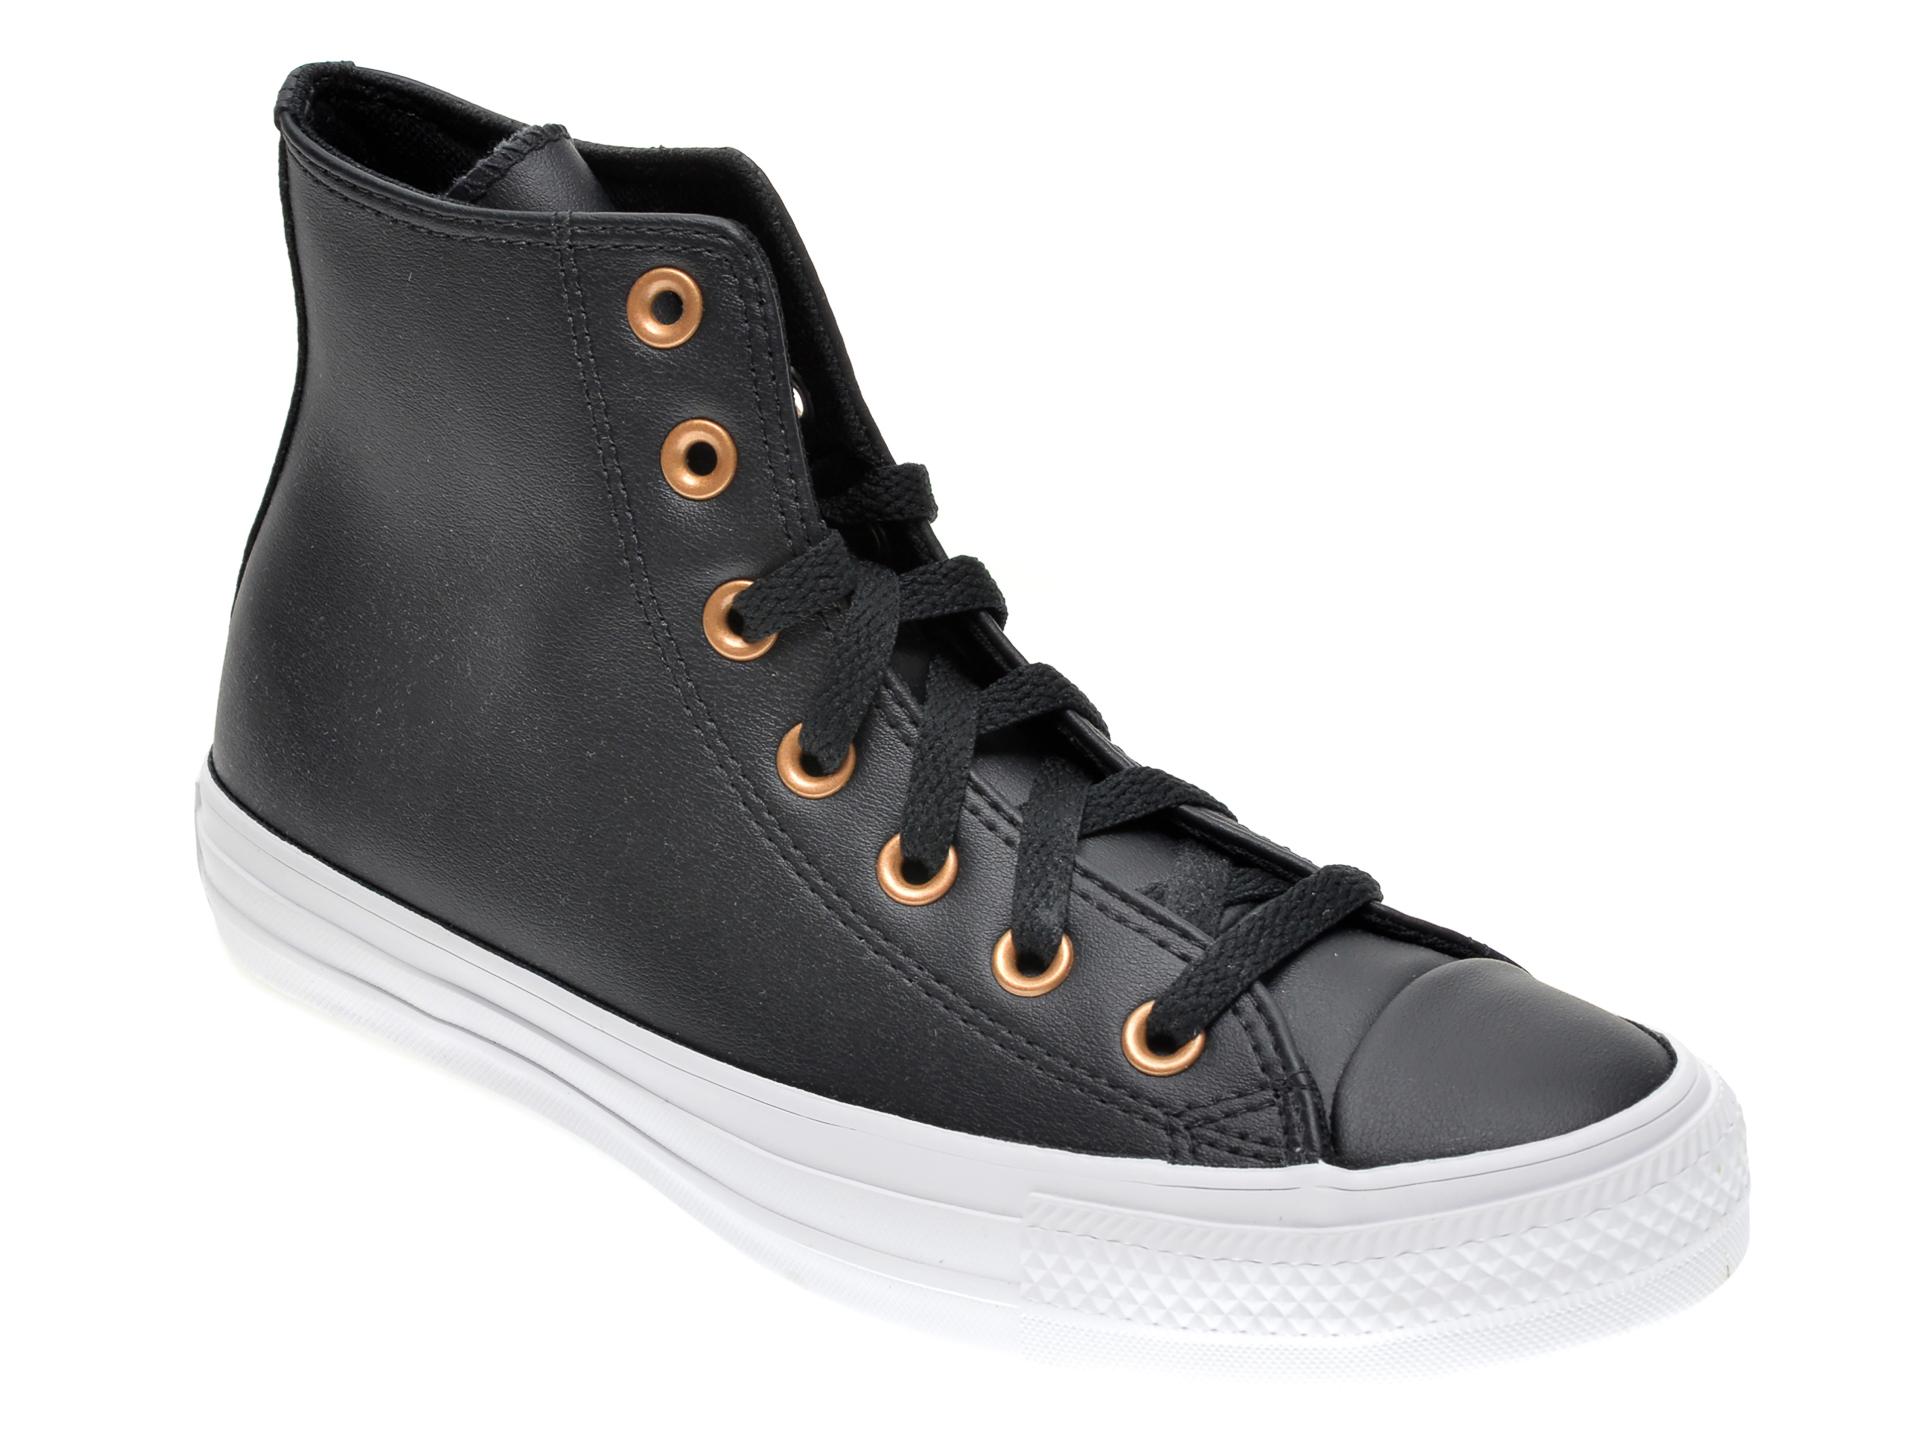 Pantofi sport CONVERSE negre, 568659C, din piele ecologica